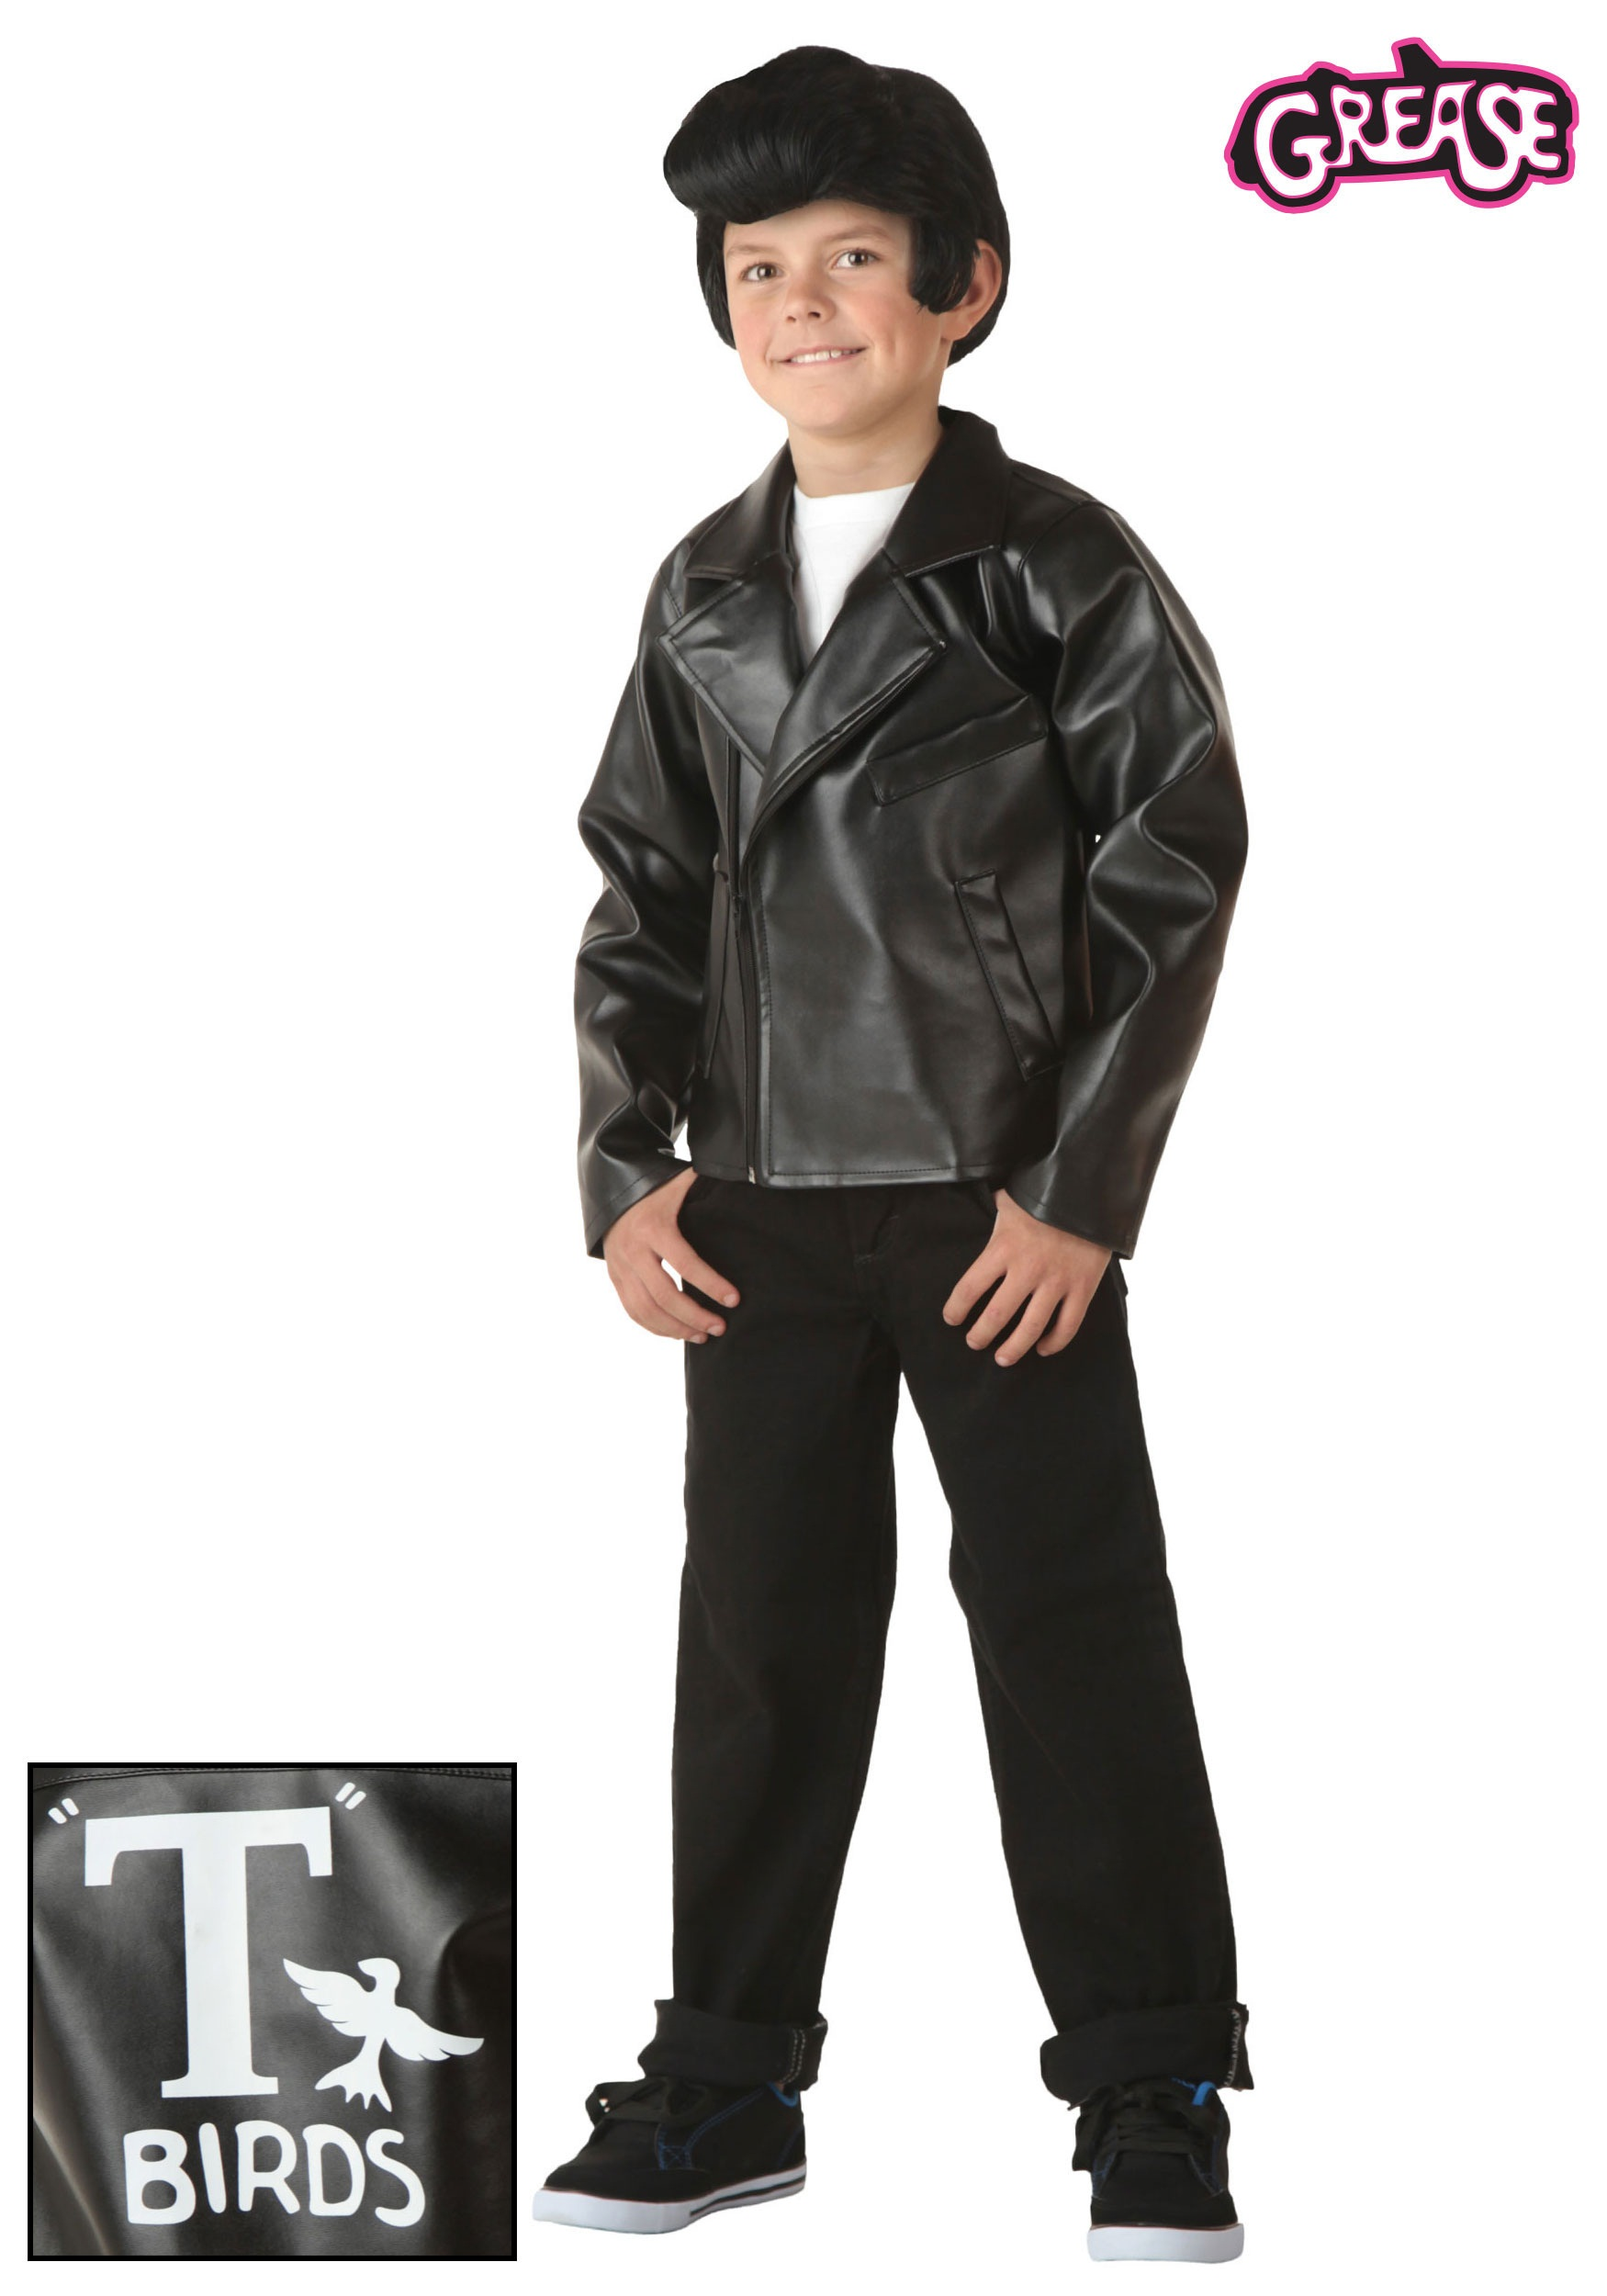 Kids Grease T,Birds Jacket , Halloween Costumes